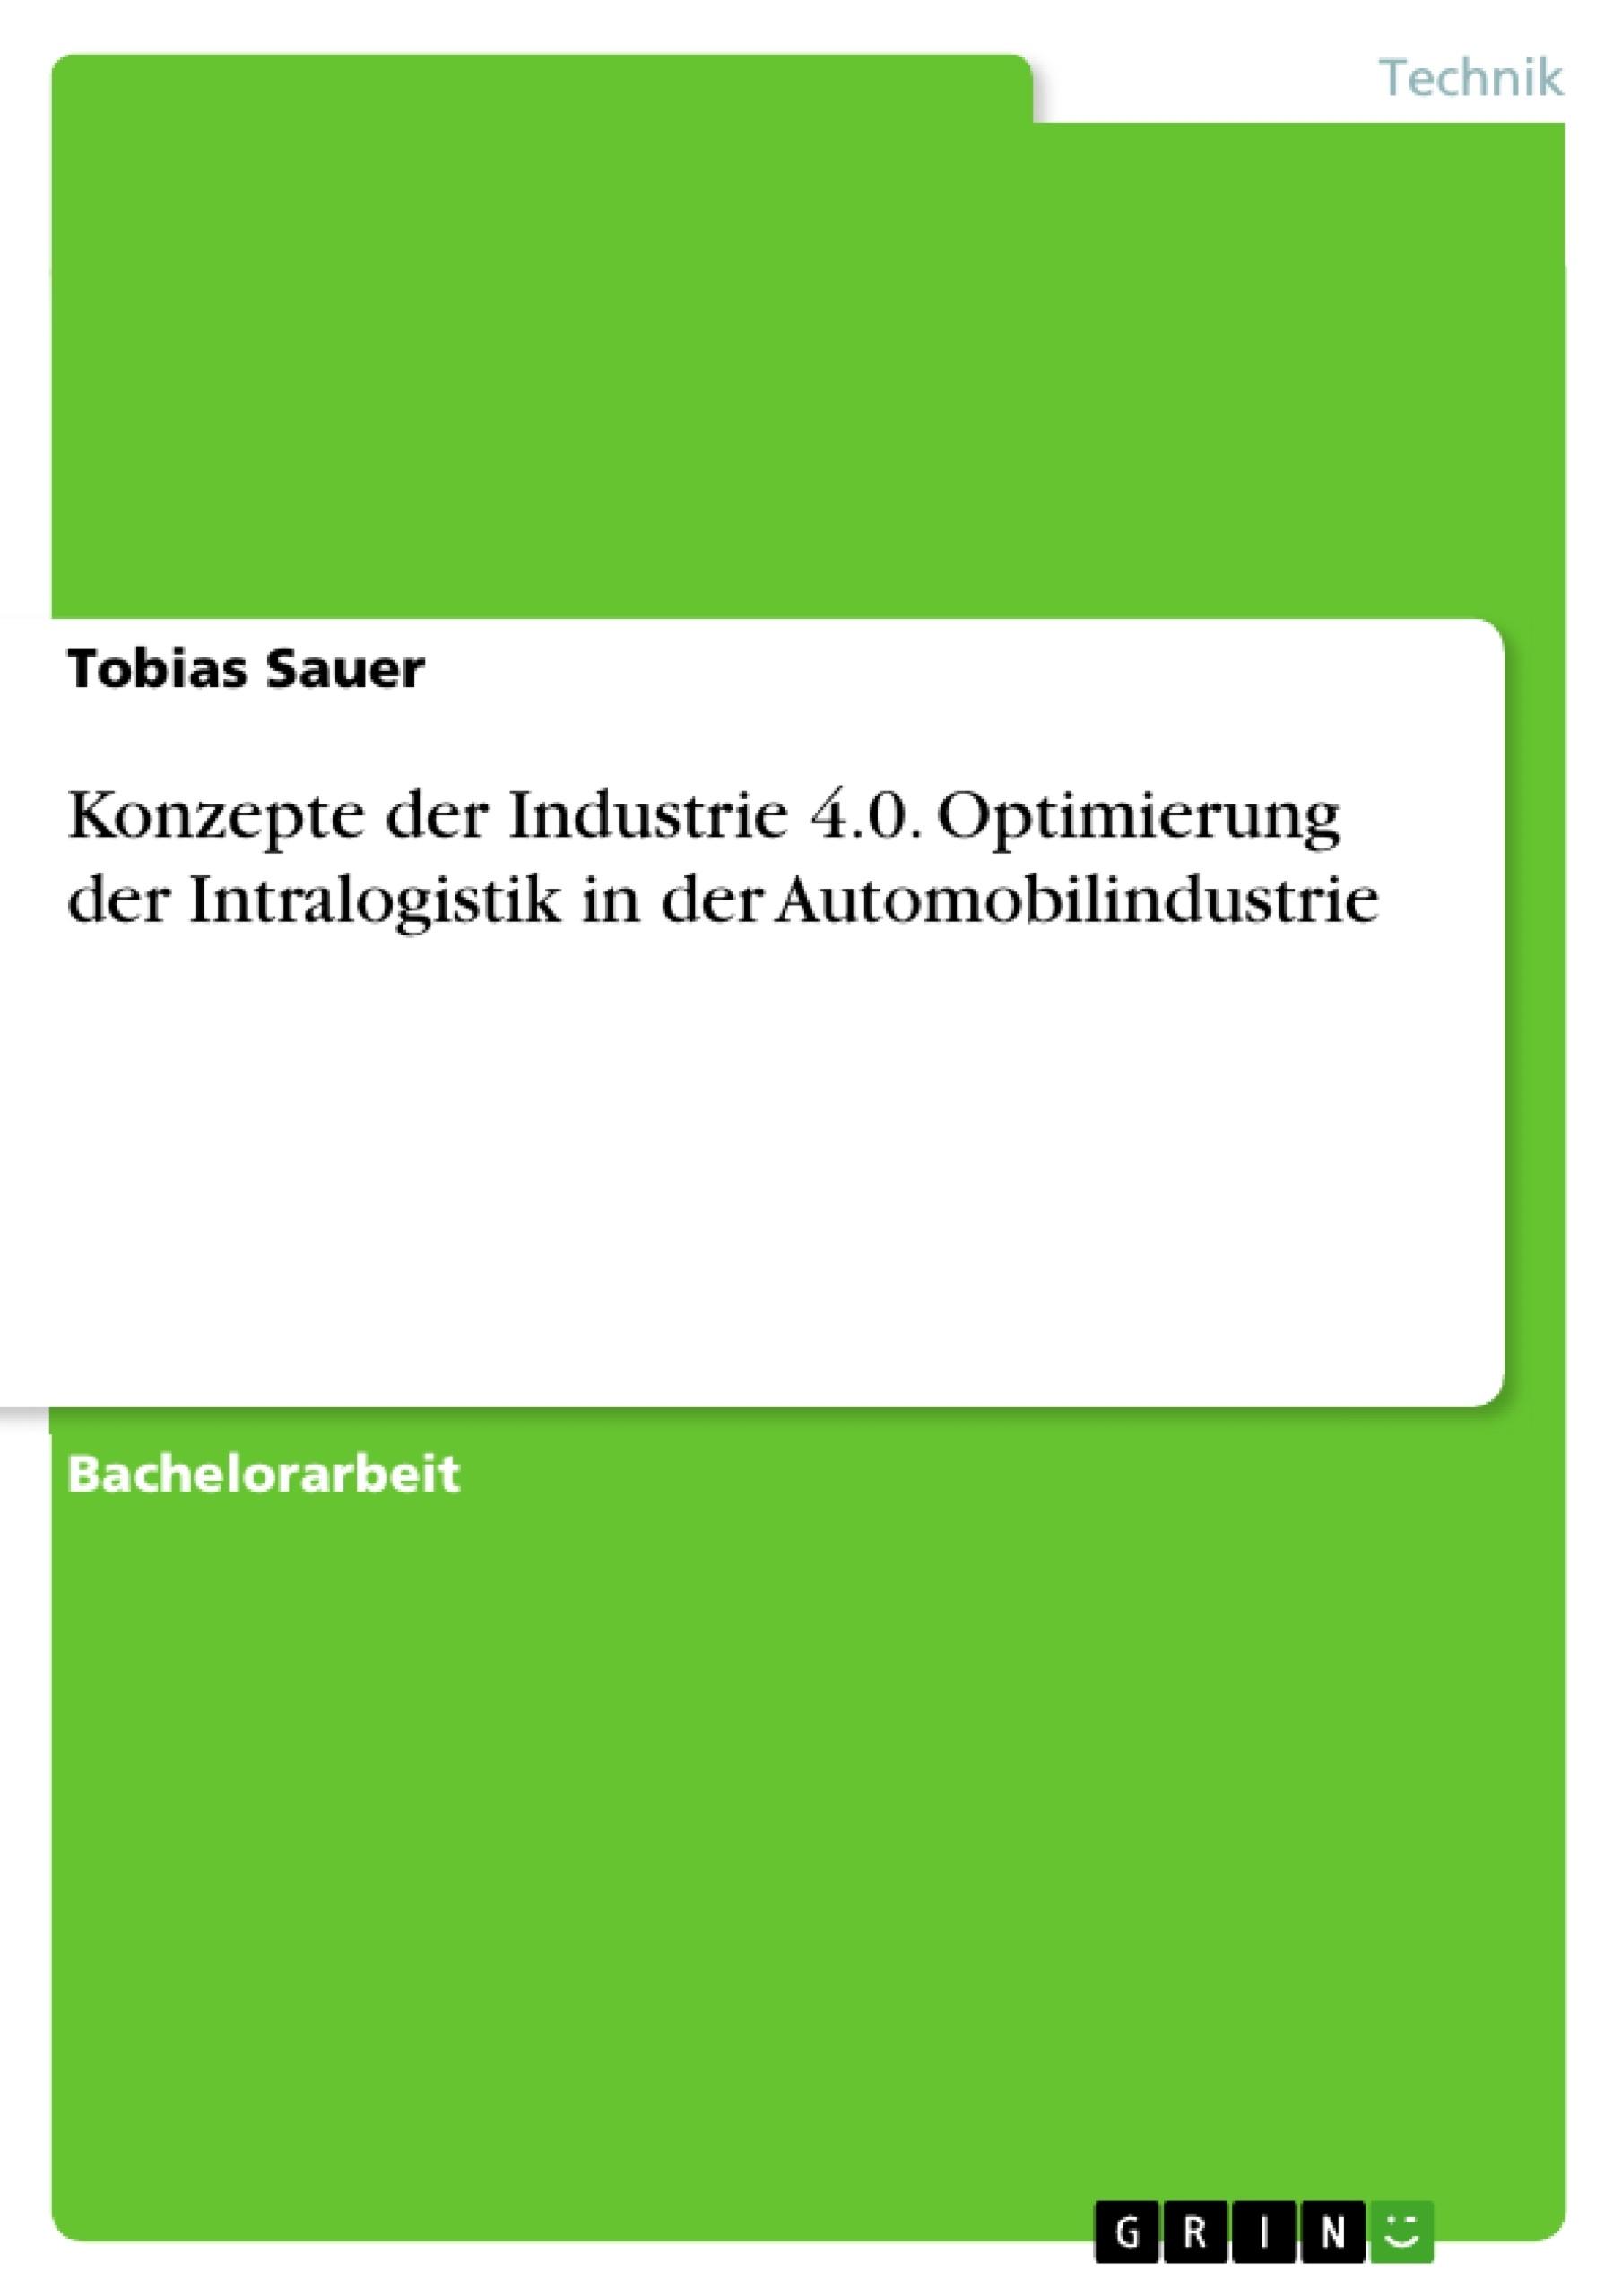 Titel: Konzepte der Industrie 4.0. Optimierung der Intralogistik in der Automobilindustrie